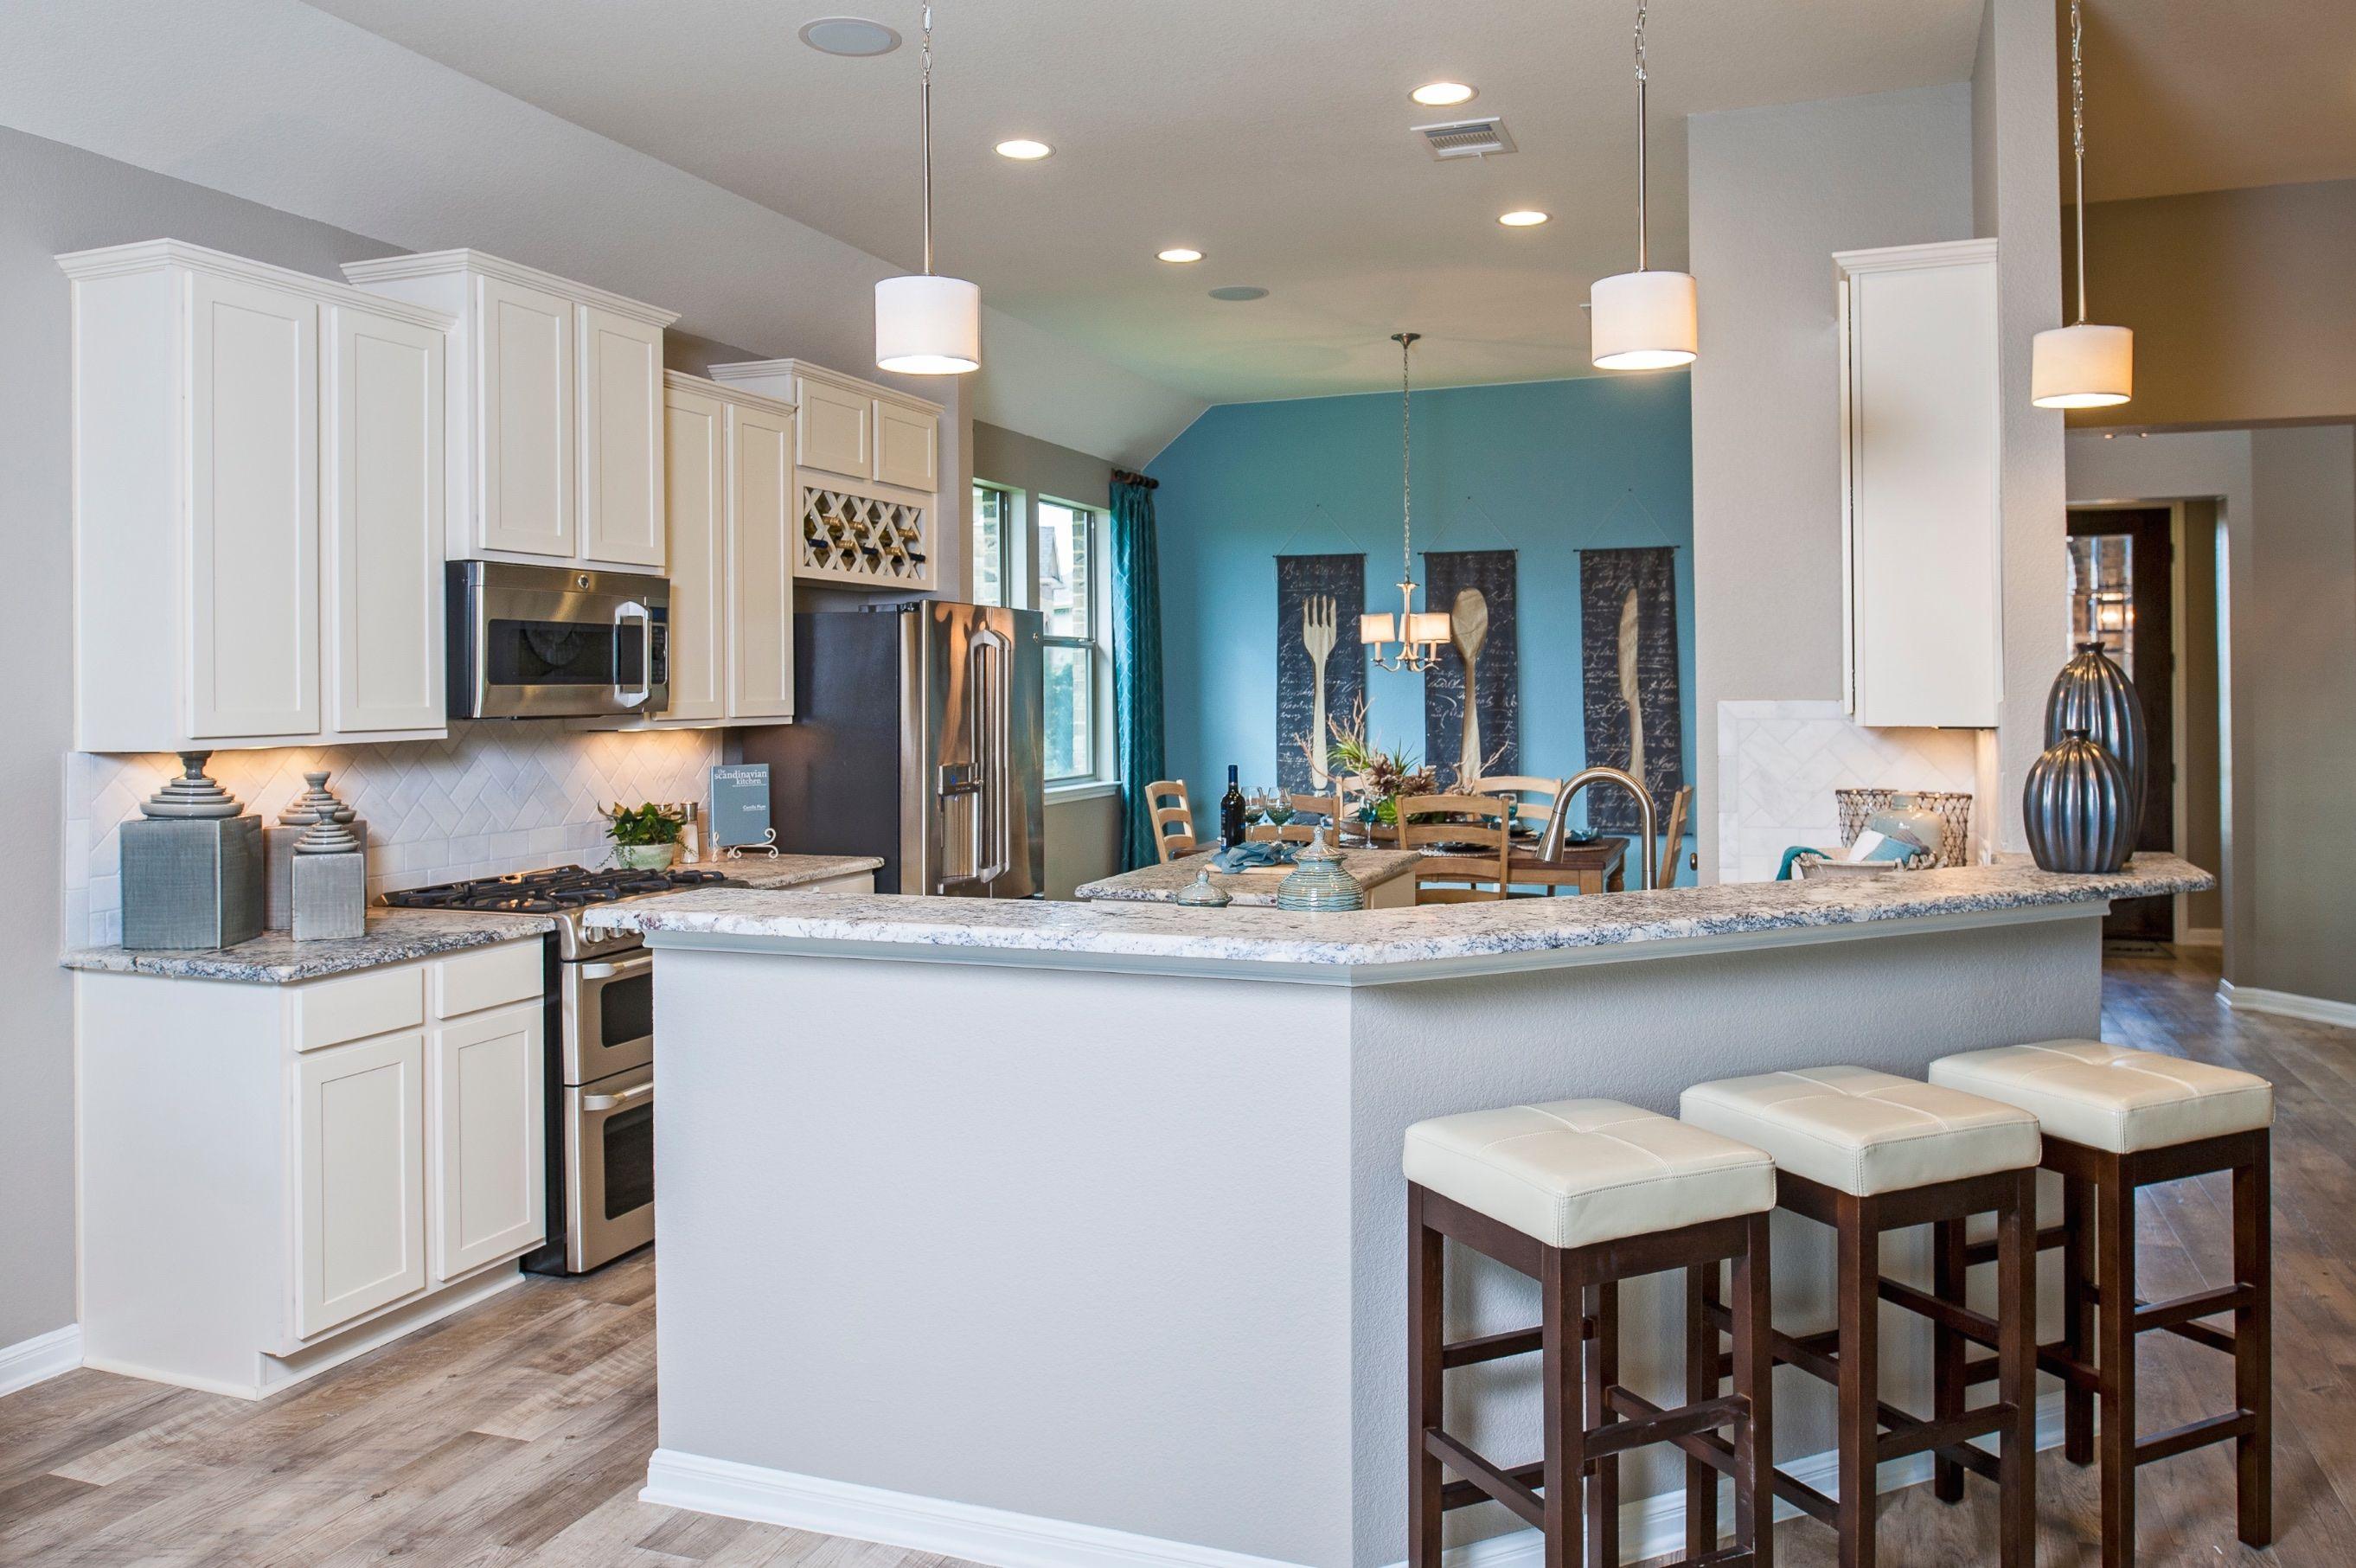 luxury is within reach kitchen lifestyle luxuriousliving rh pinterest com